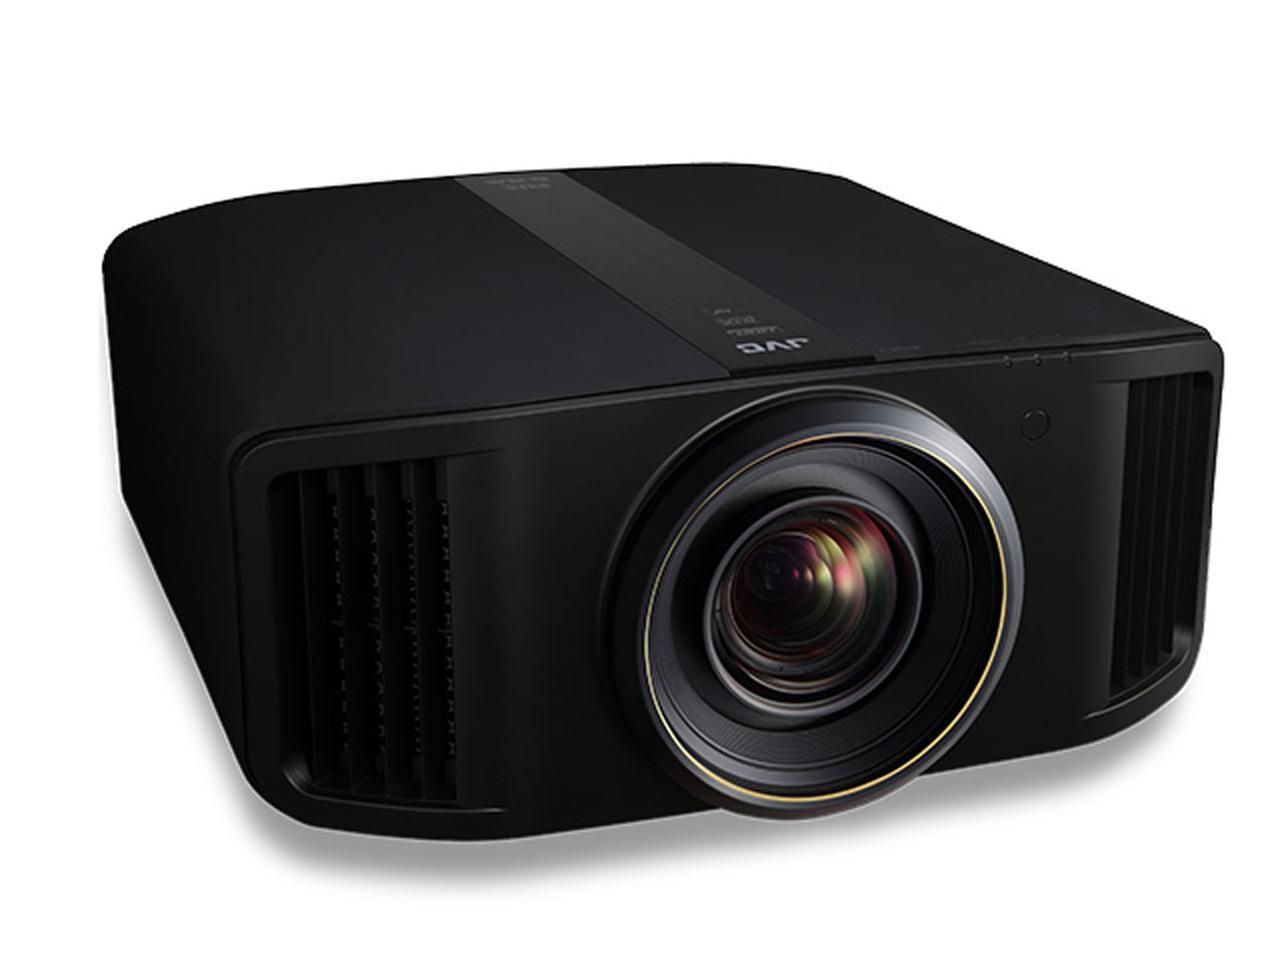 画像: JVC、D-ILAプロジェクターの「Frame Adapt HDR」機能のアップデートに関するティザーを公開! - Stereo Sound ONLINE